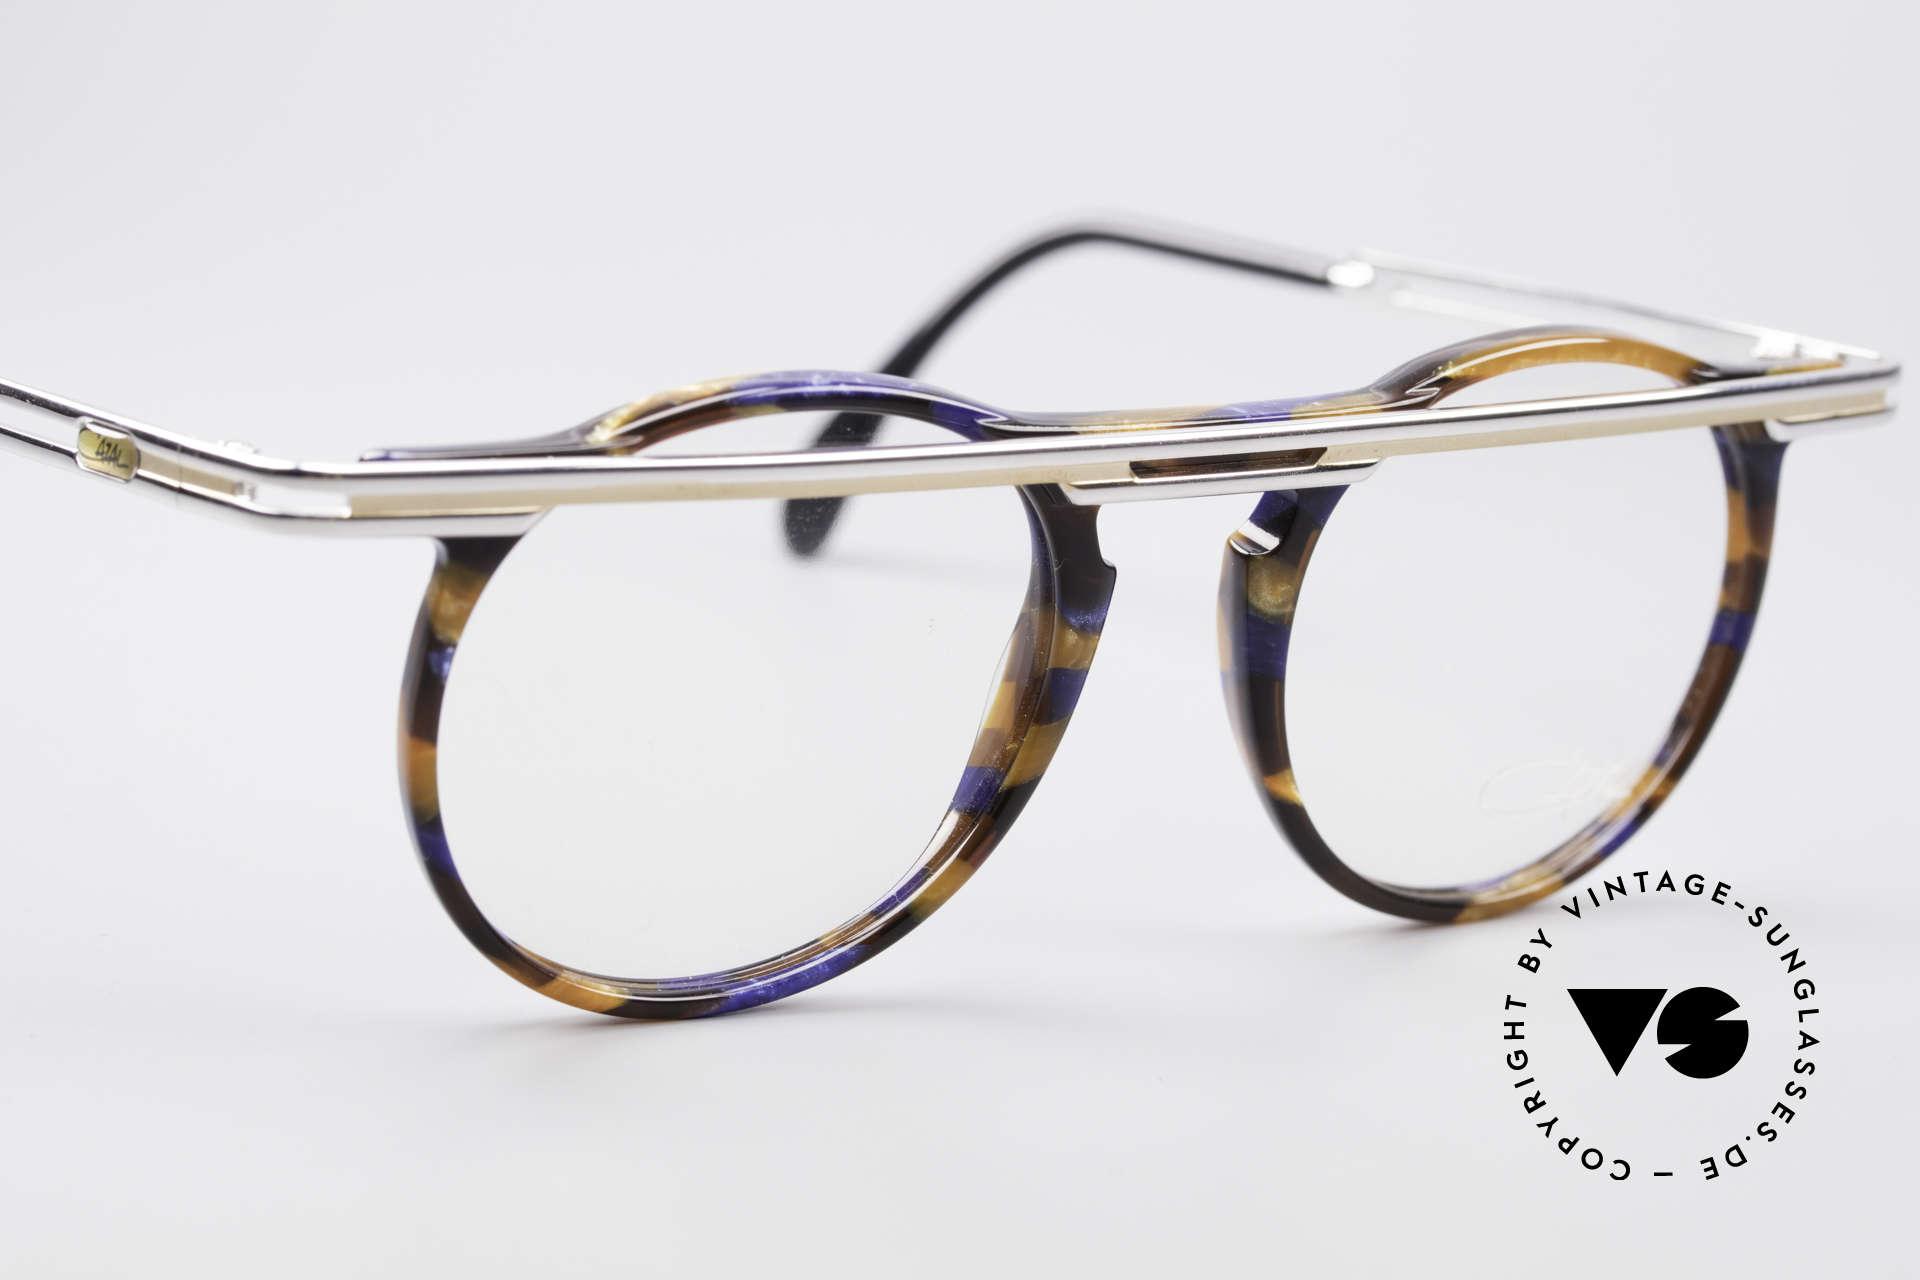 Cazal 648 Cari Zalloni 90er Vintage Brille, ungetragen (wie alle unsere vintage Cazal Brillen), Passend für Herren und Damen